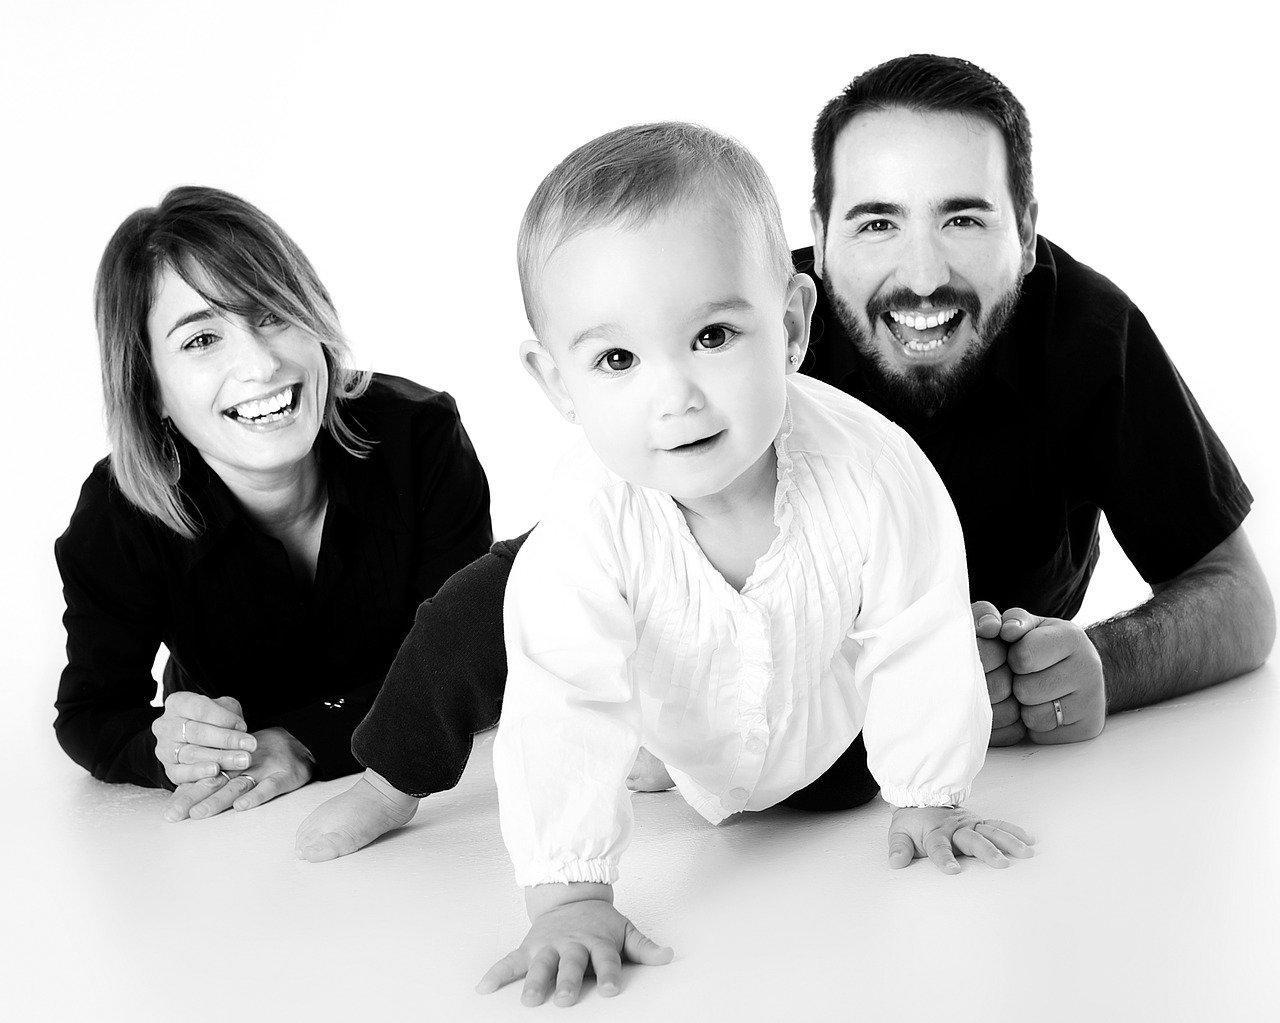 Vater & Mutter mit Kind